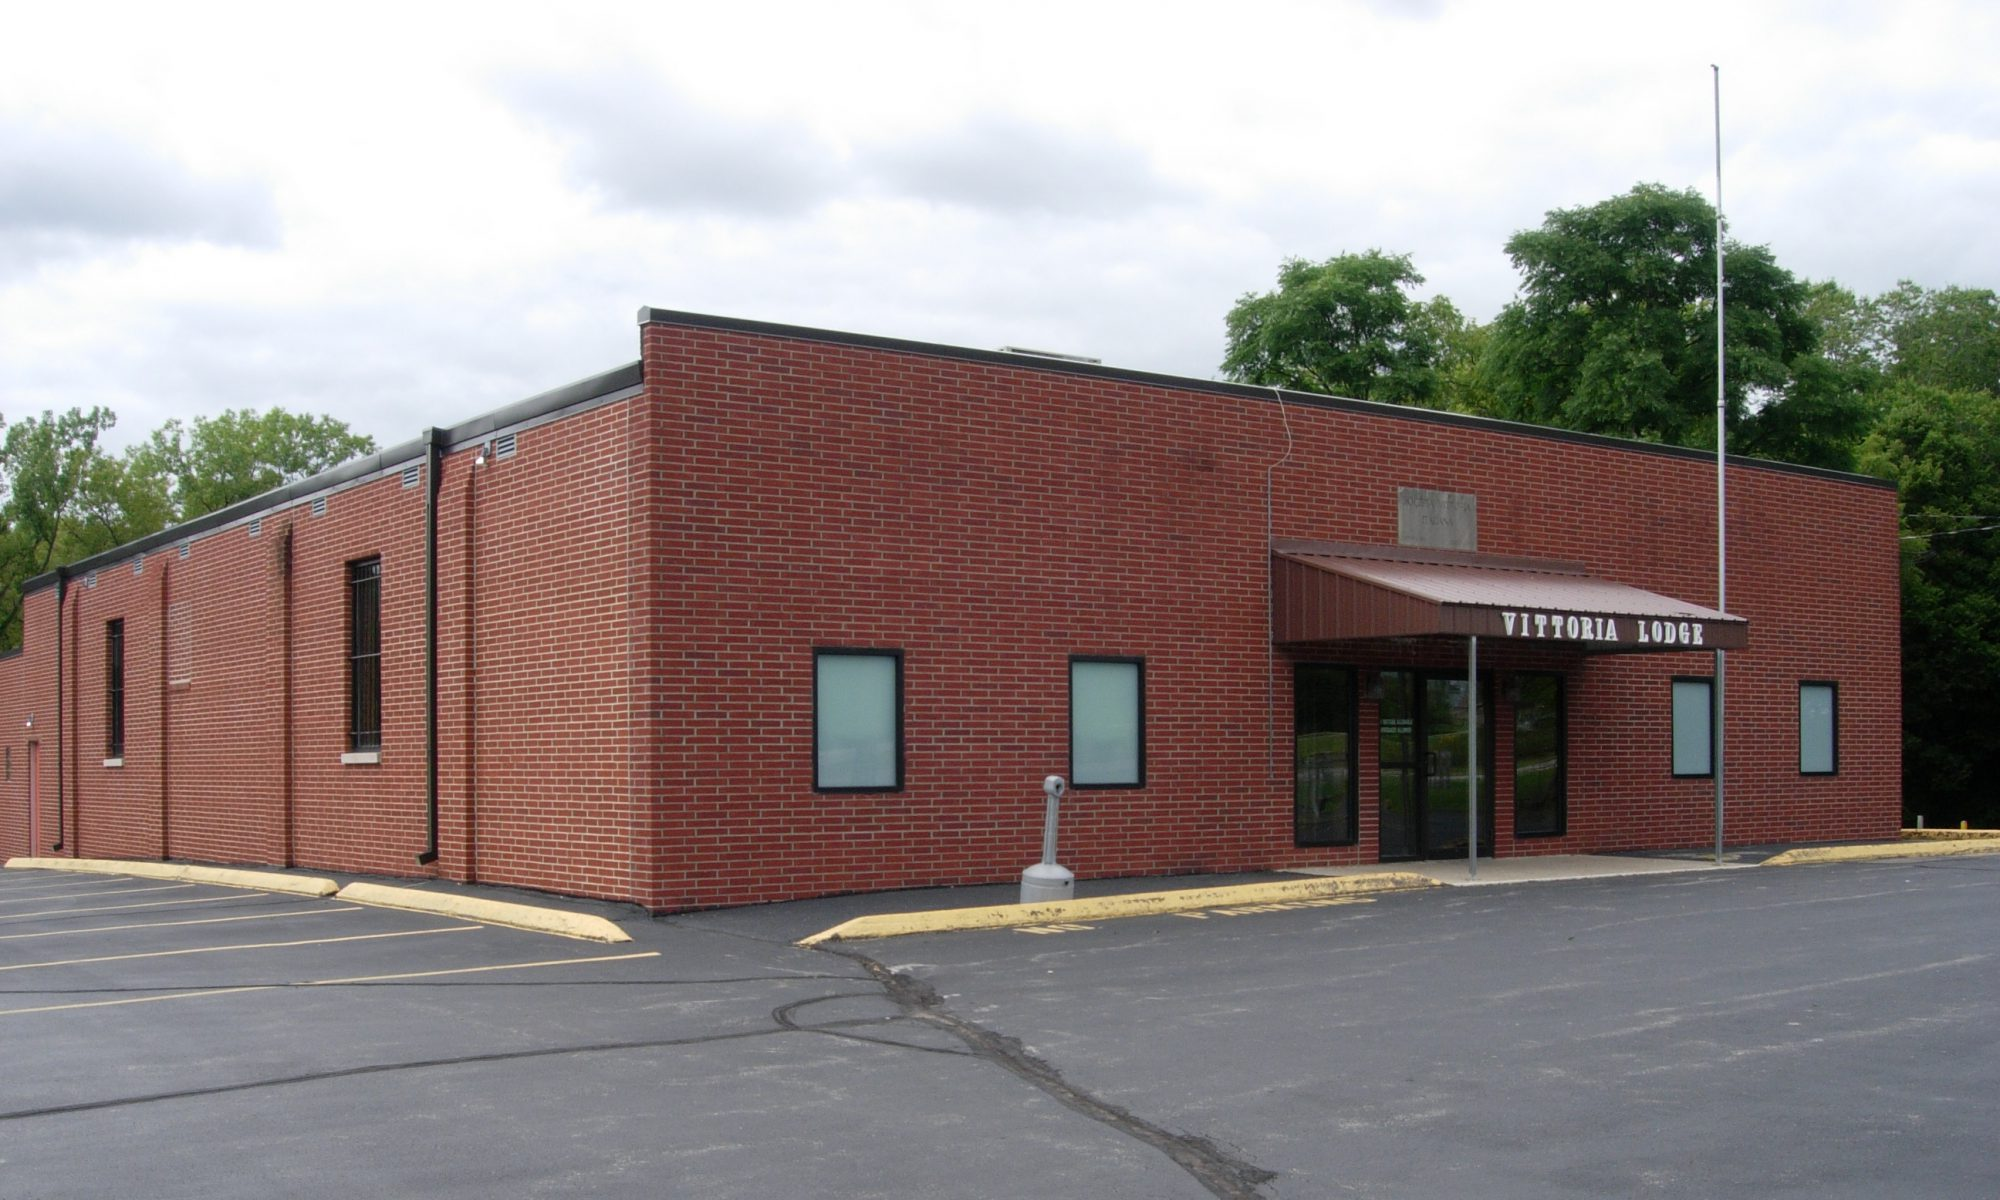 Vittoria Lodge